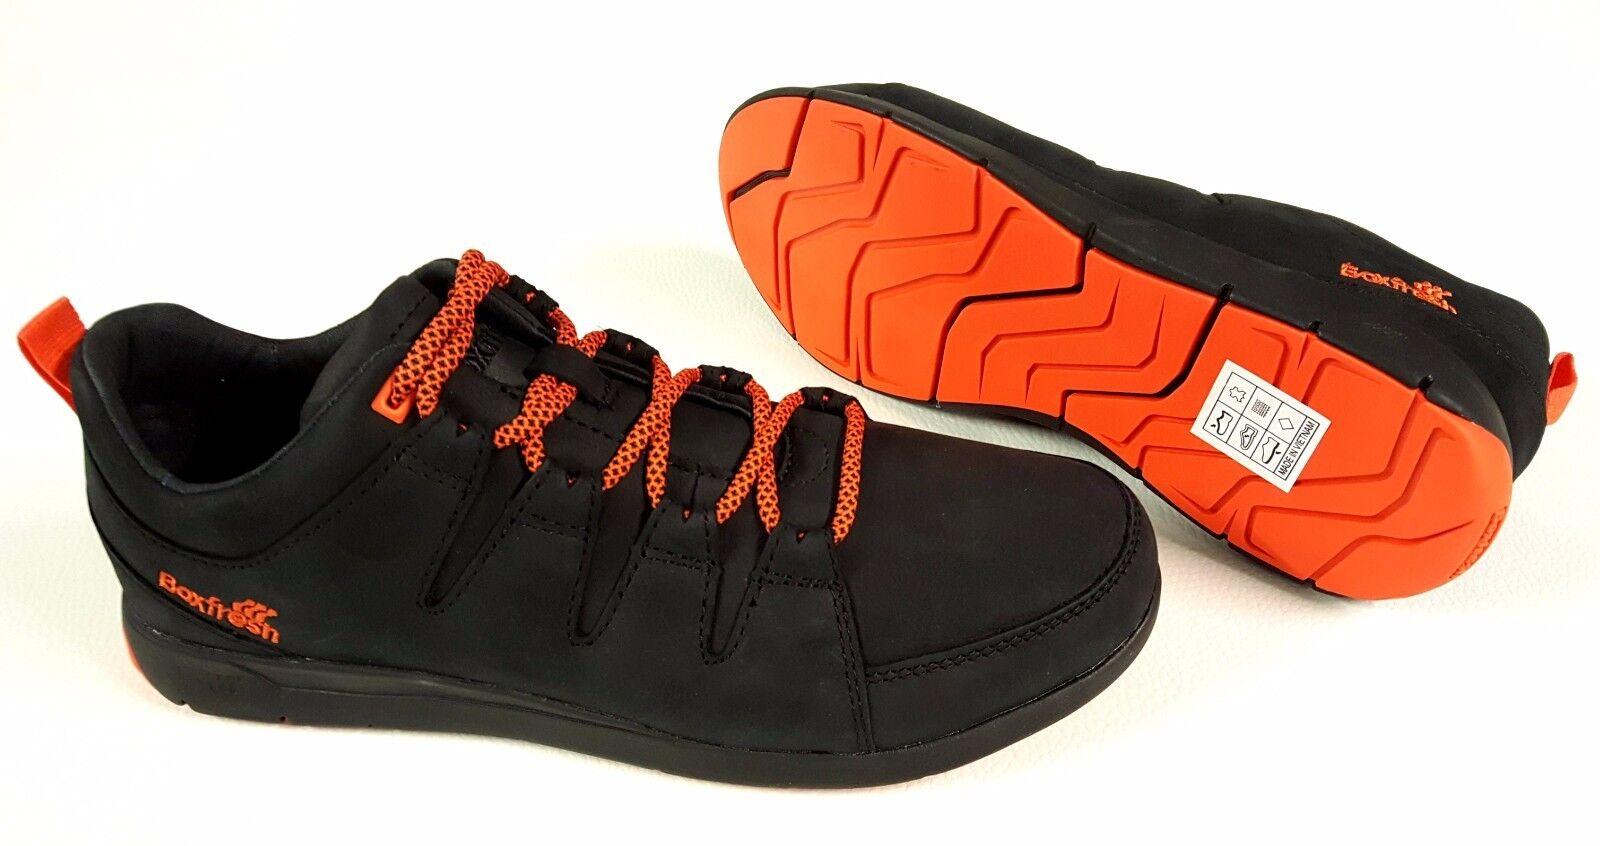 Boxfresh cortos señores cuero zapato schnürschuh negro de cuero